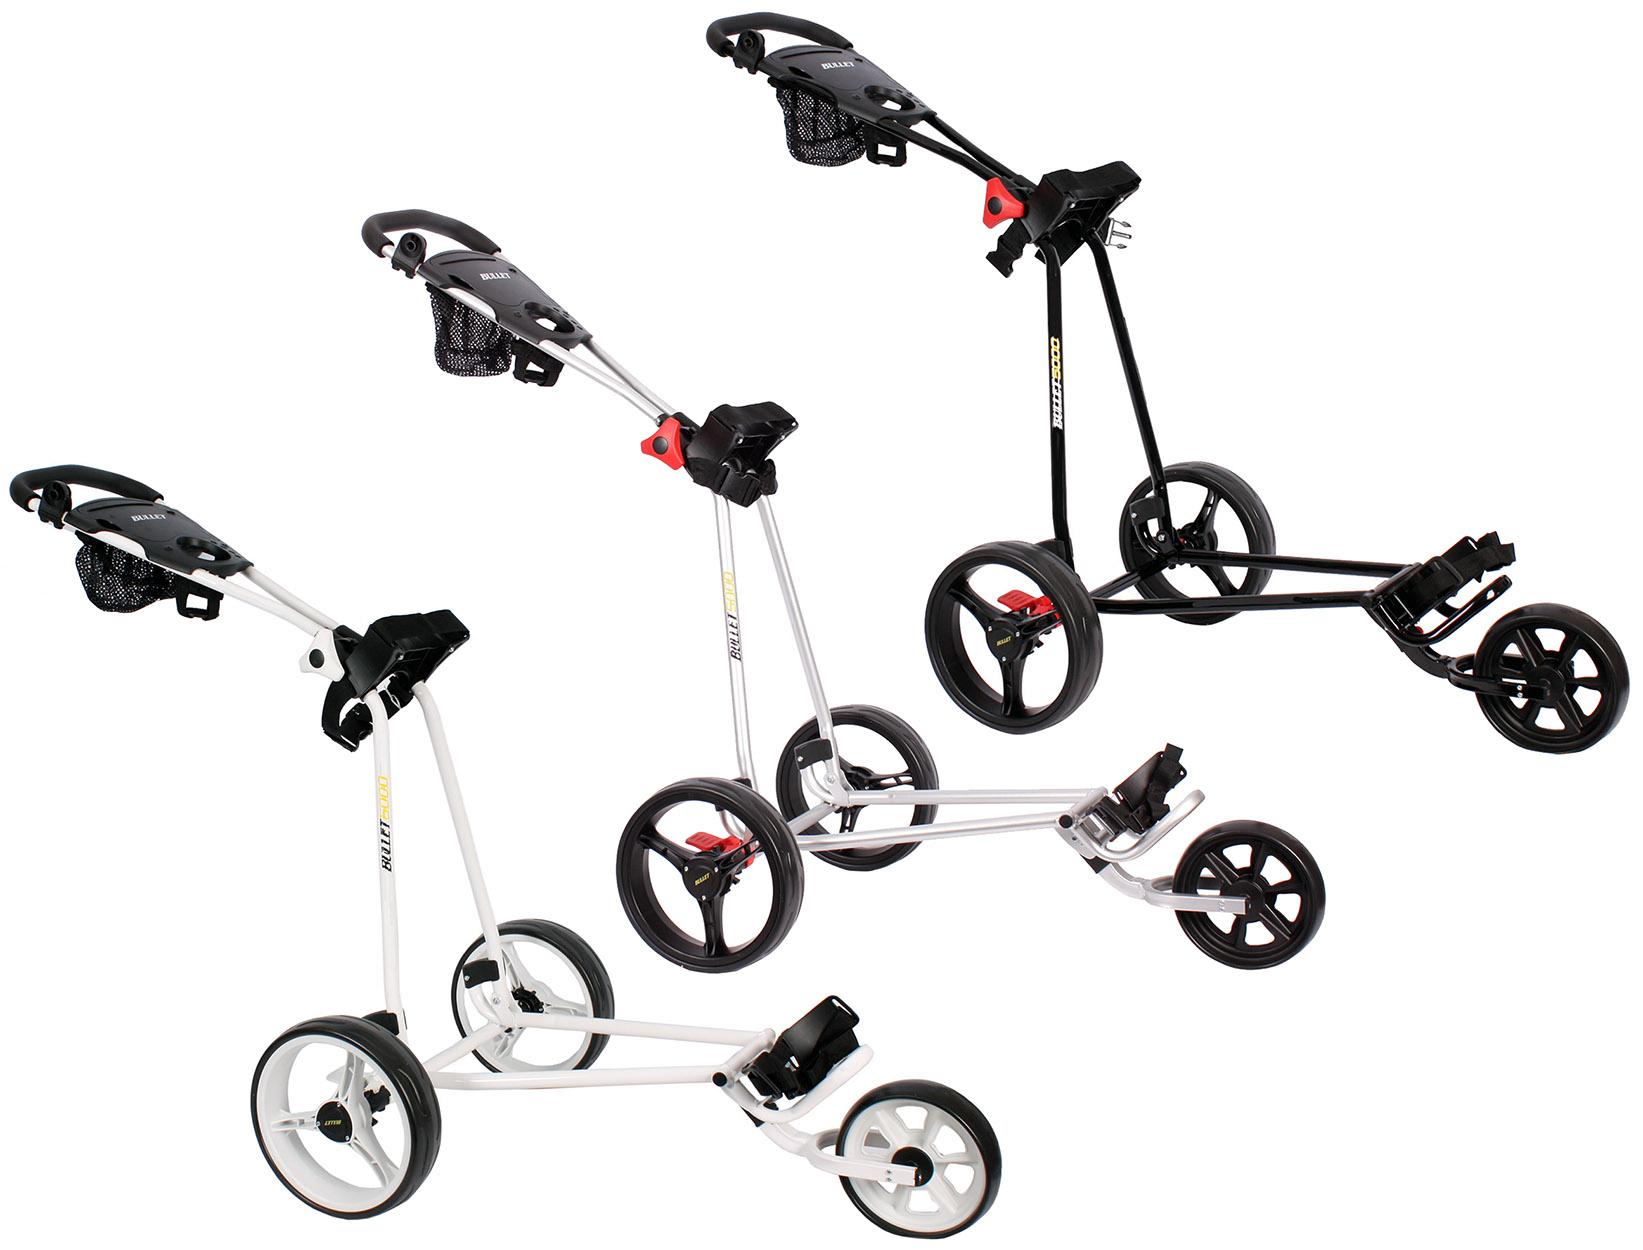 Golftrolley Golfwagen Caddy Golf Wagen NEU weiß schwarz silber 3 Räder Bremse